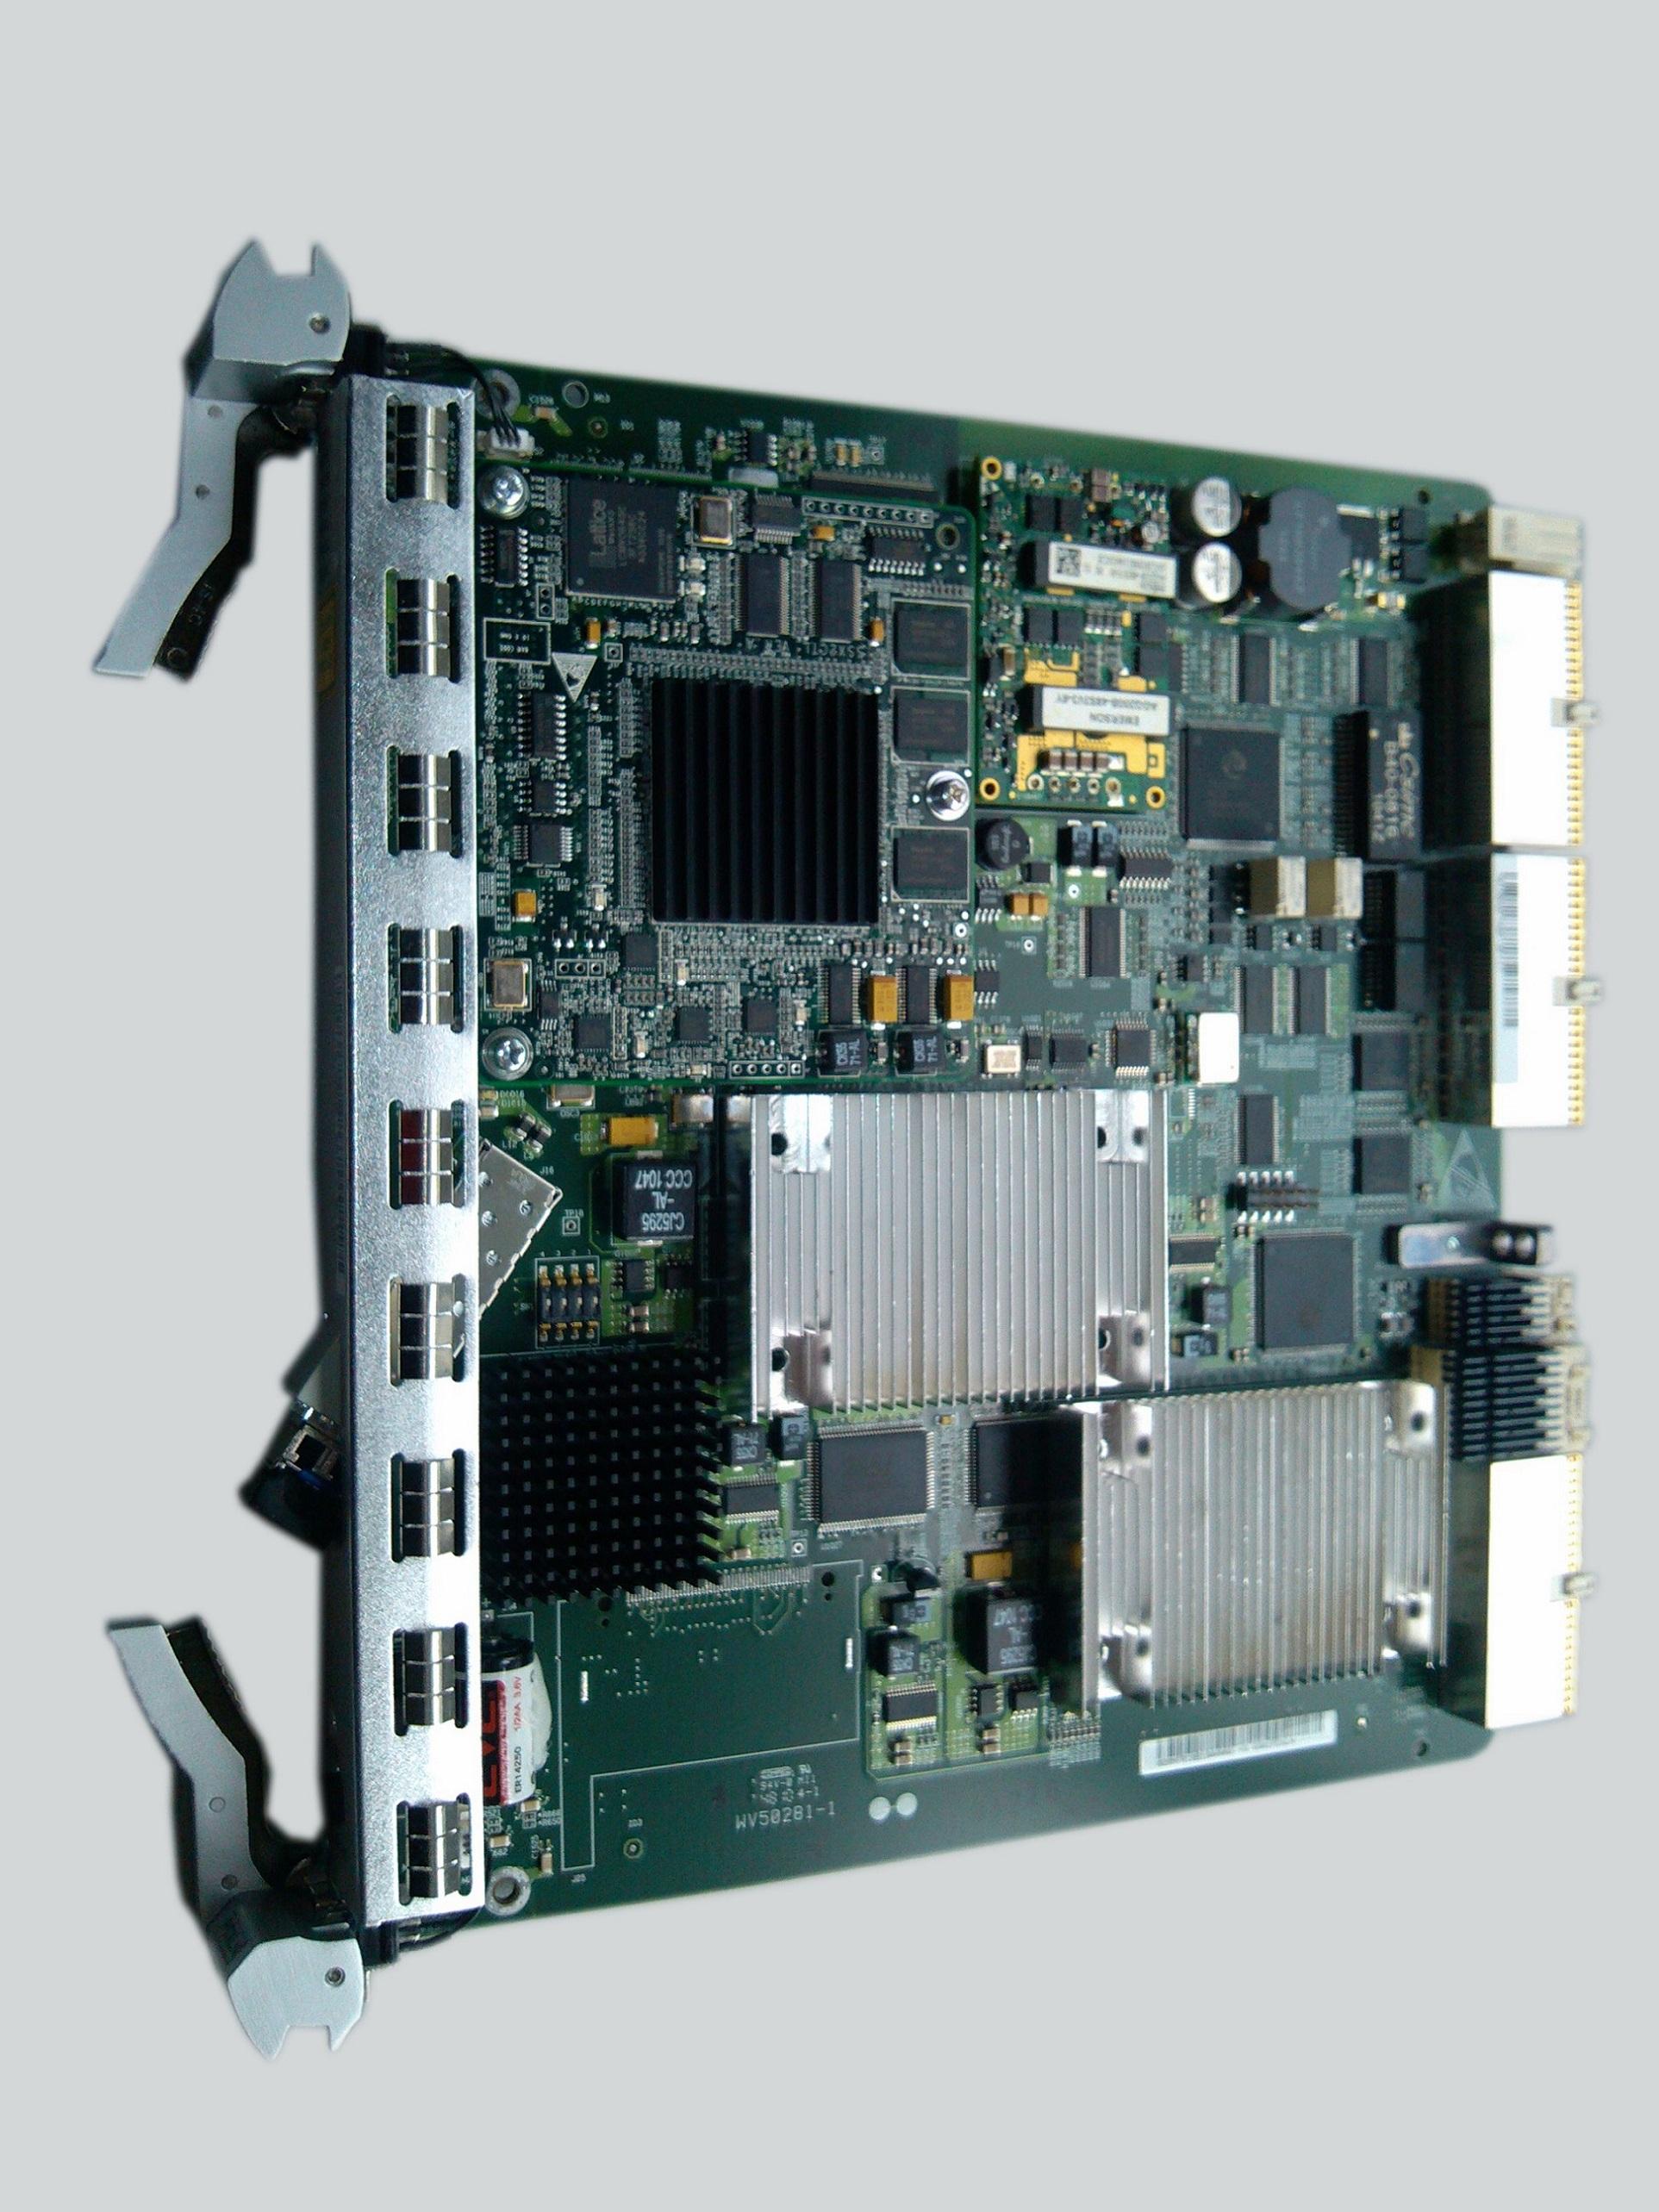 海南光传输设备烽火2路交换式千兆以太网处理板